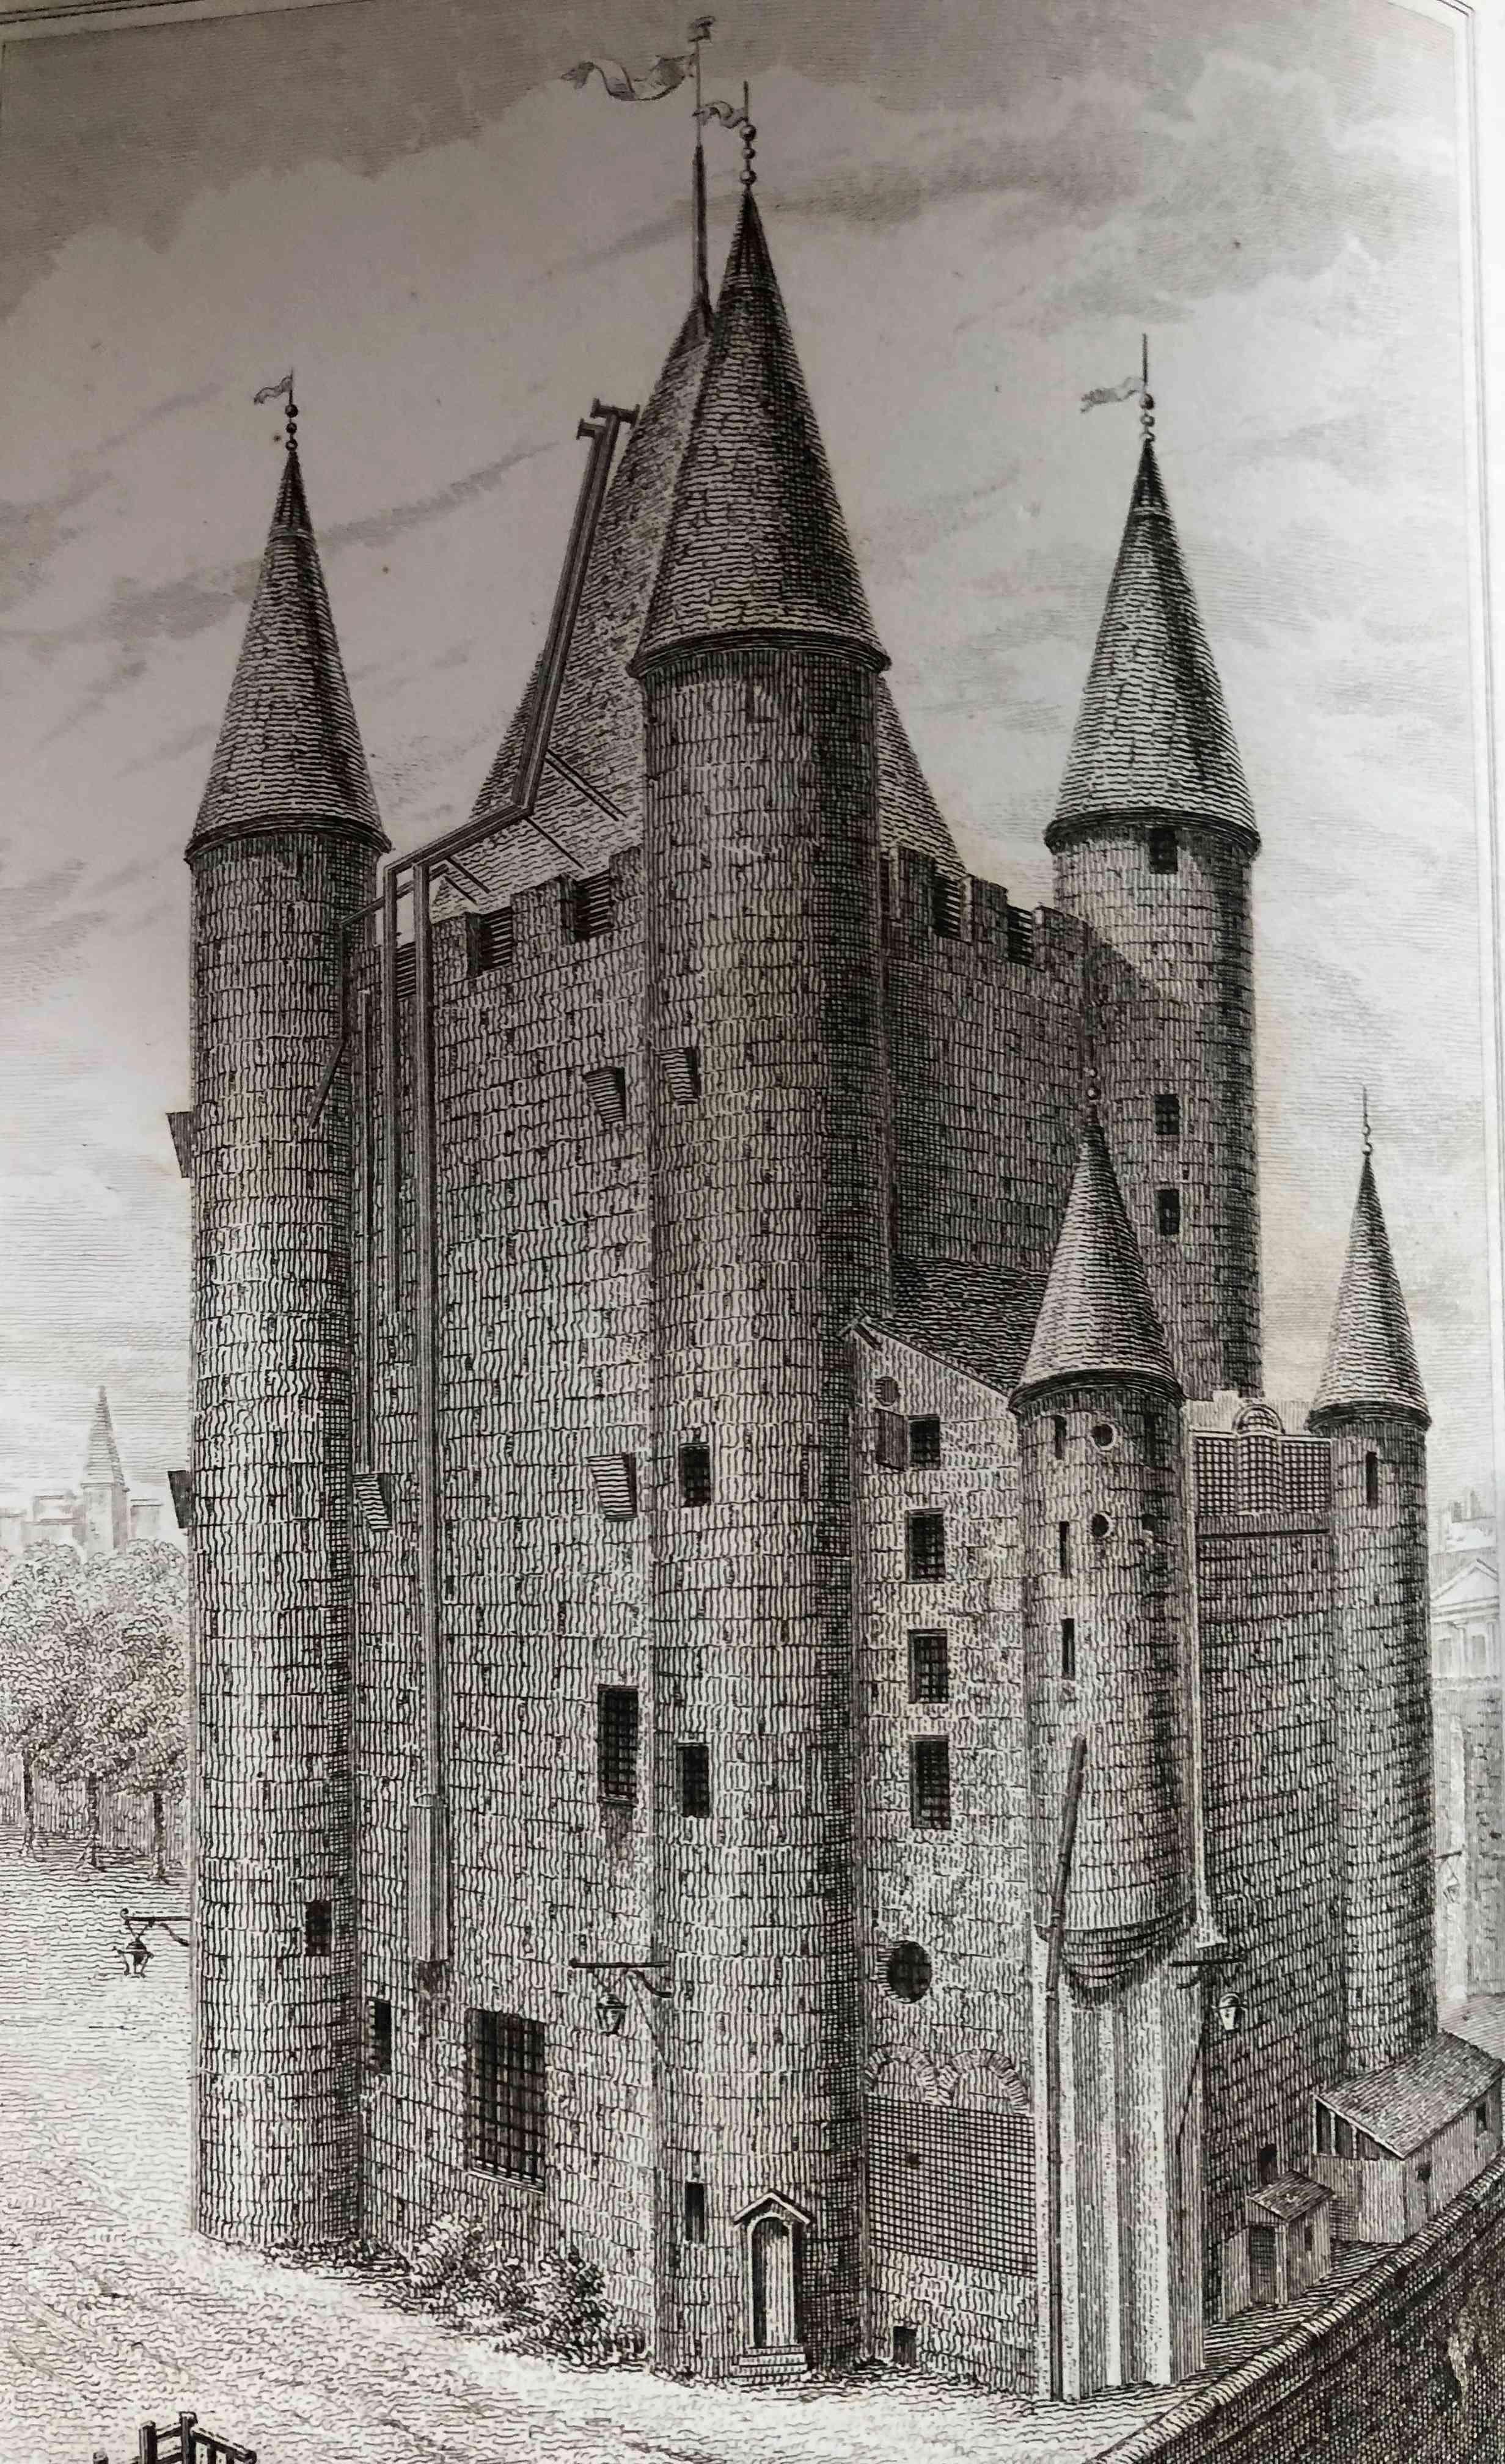 La famille royale à la prison du Temple : plans et aménagements - Page 5 A3283e10